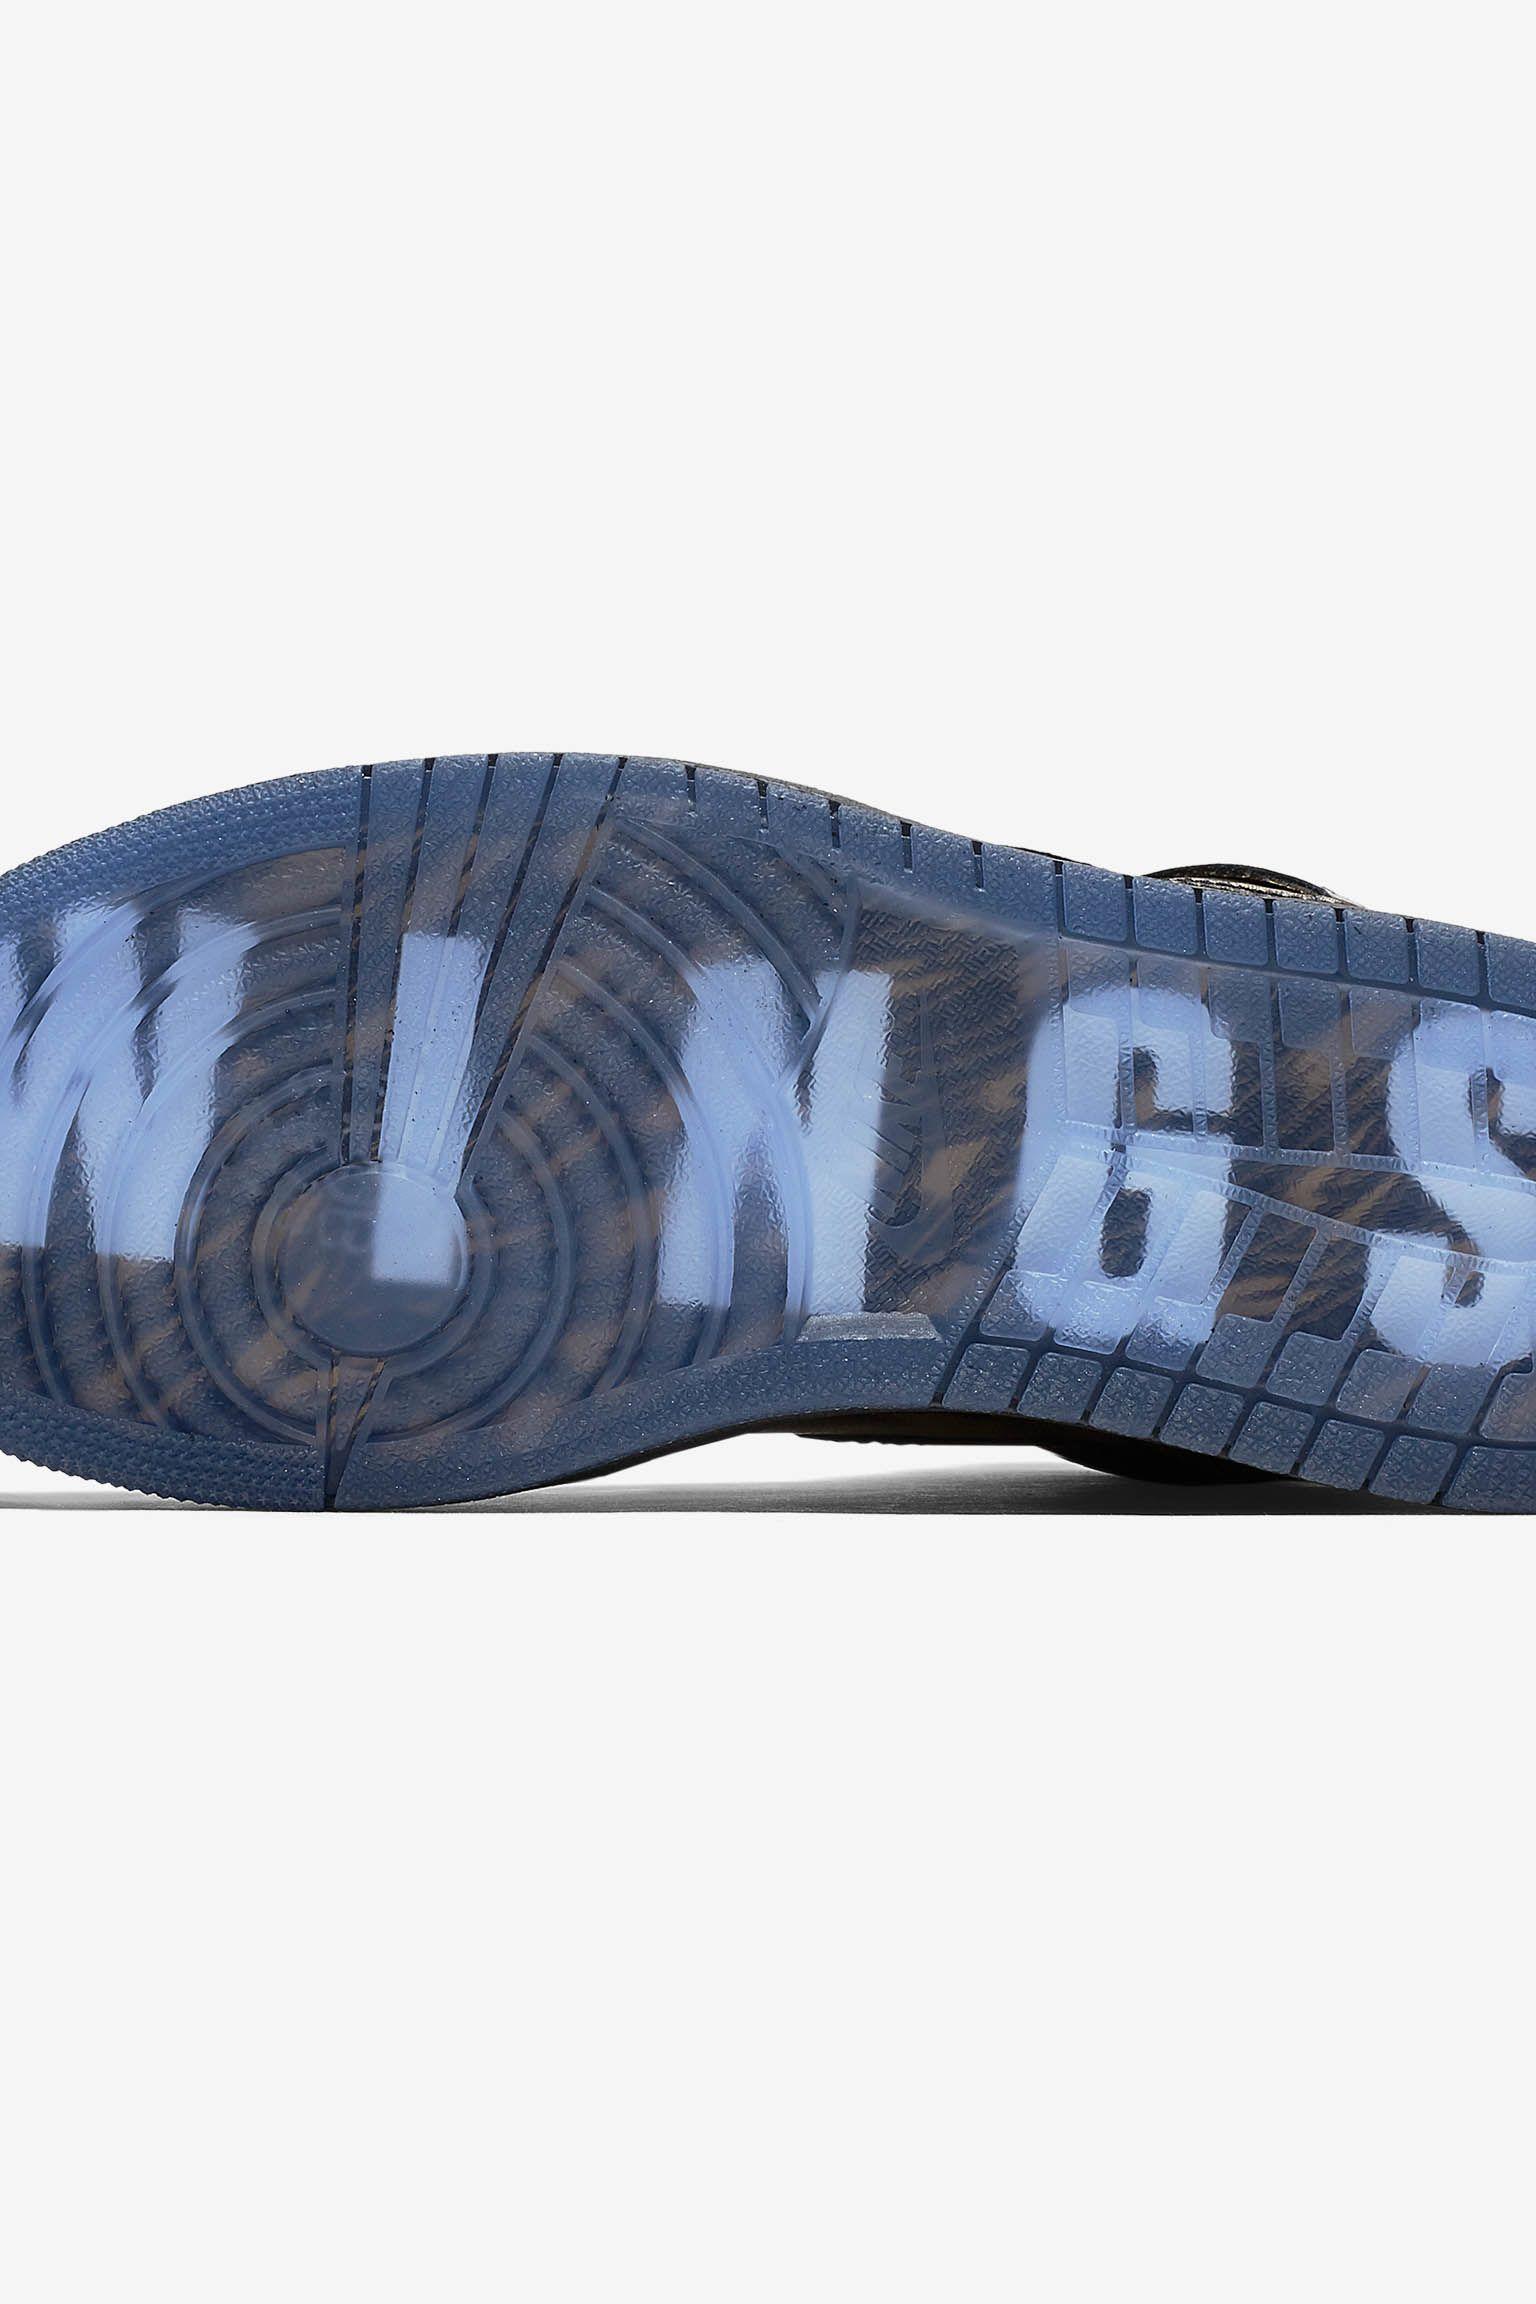 Air Jordan 1 Retro High 'Wings' Release Date